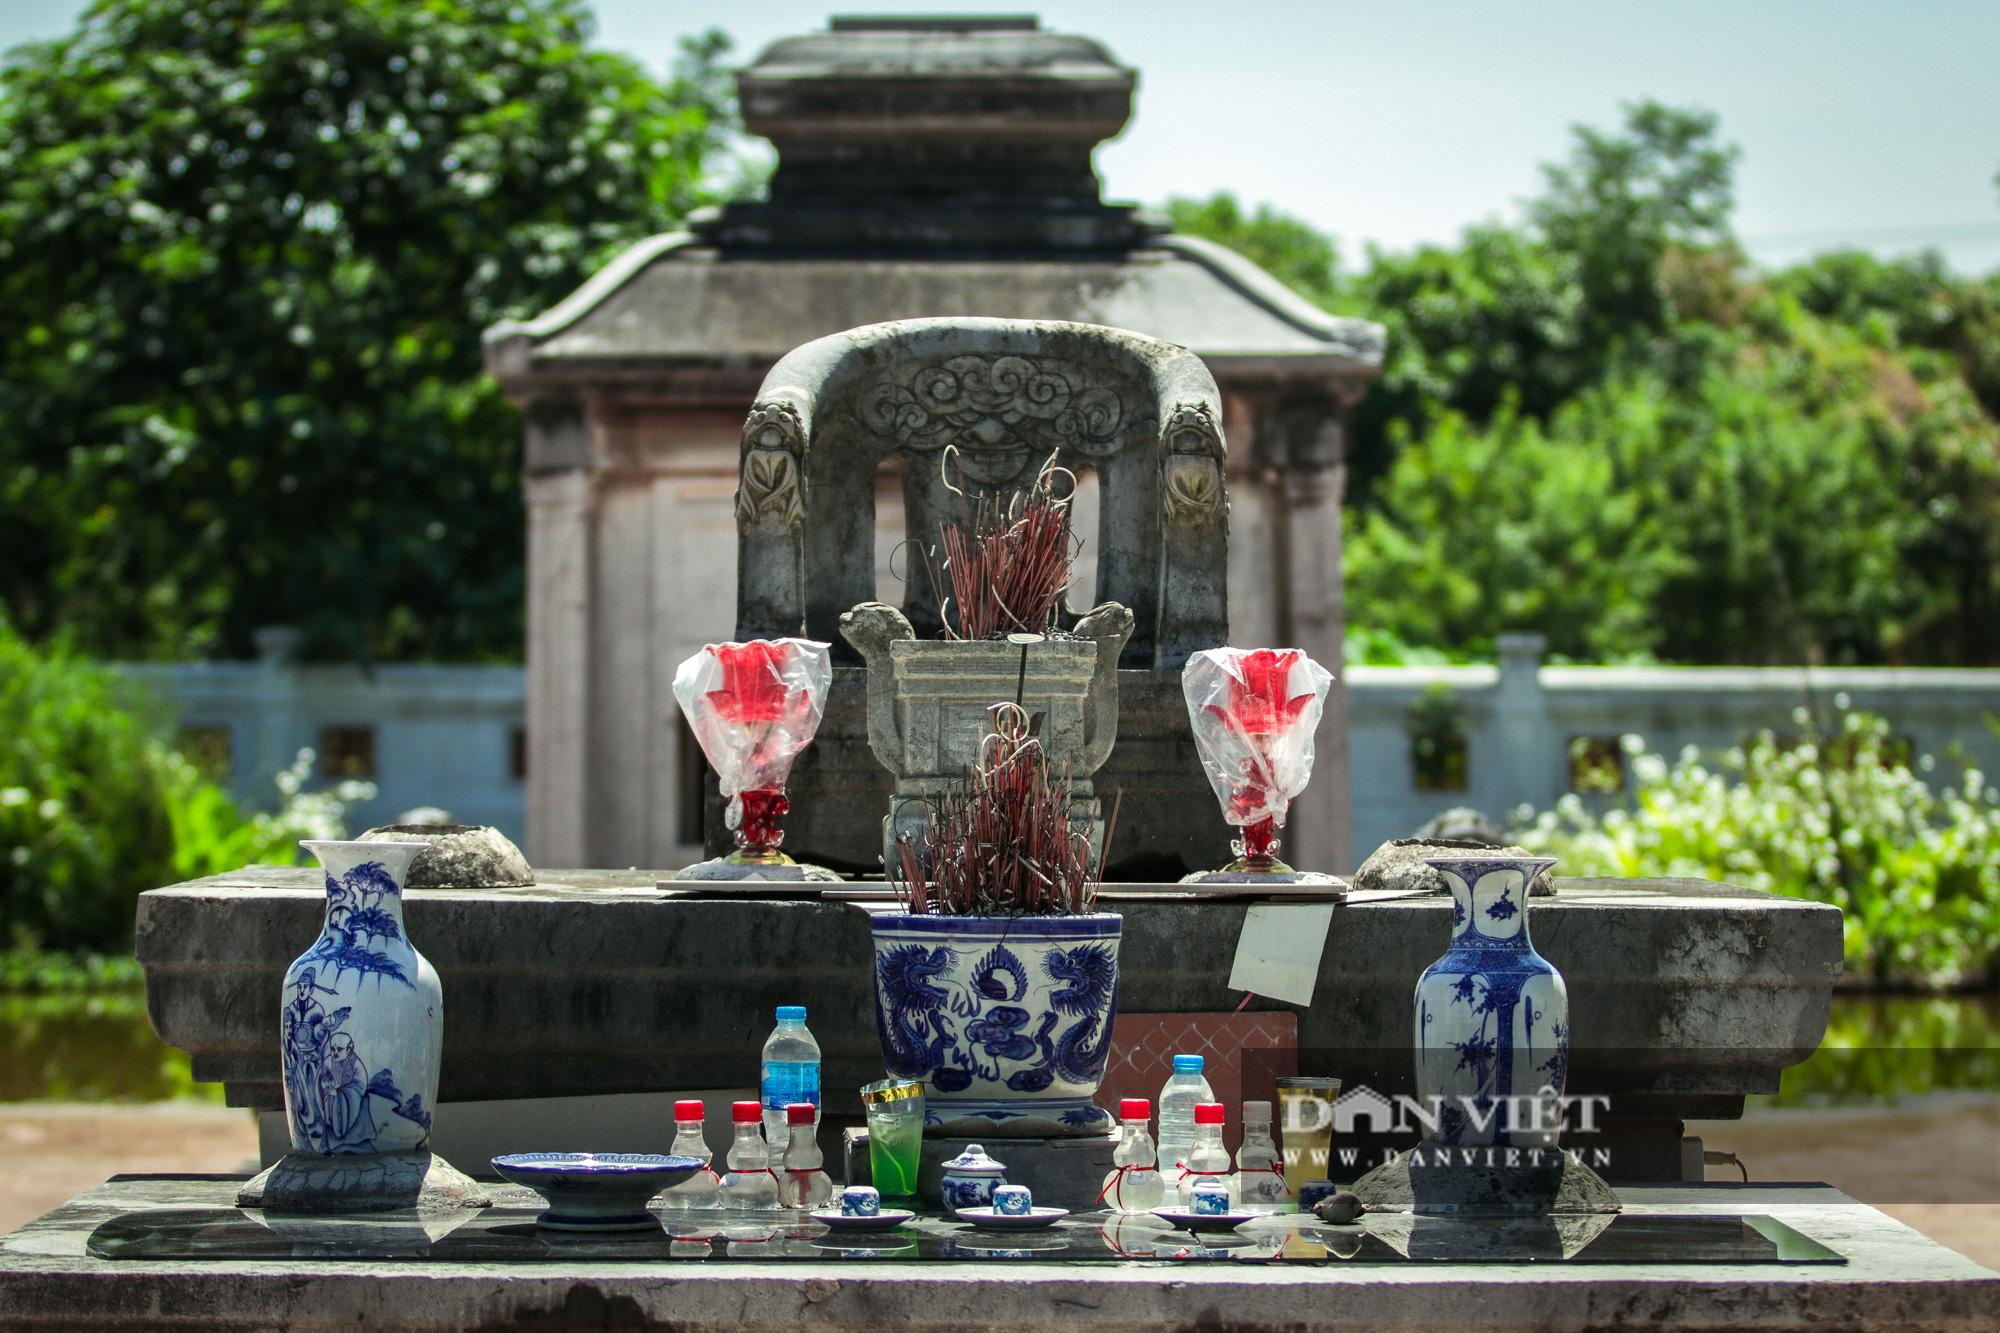 Bí ẩn lăng mộ đá ở Hà Nội bị 2 trận lũ lớn vùi lấp suốt hàng trăm năm - Ảnh 5.